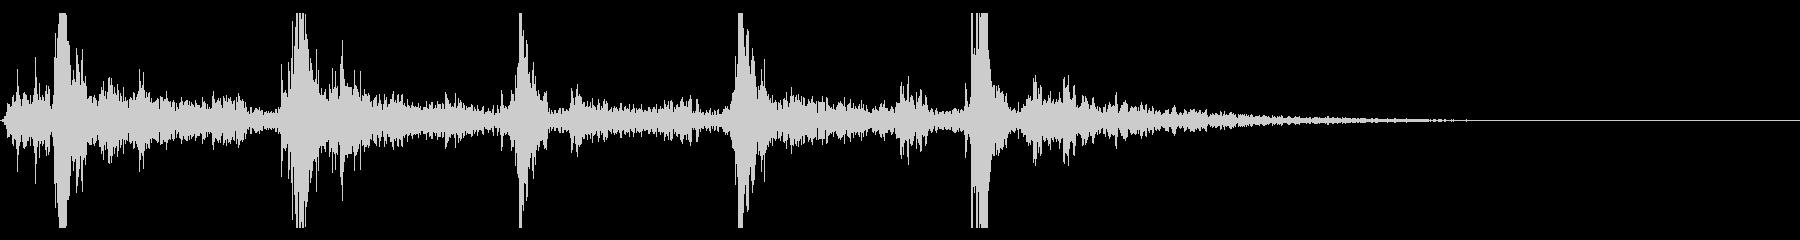 シャン×5回(鈴の音・広がる・神秘的)の未再生の波形